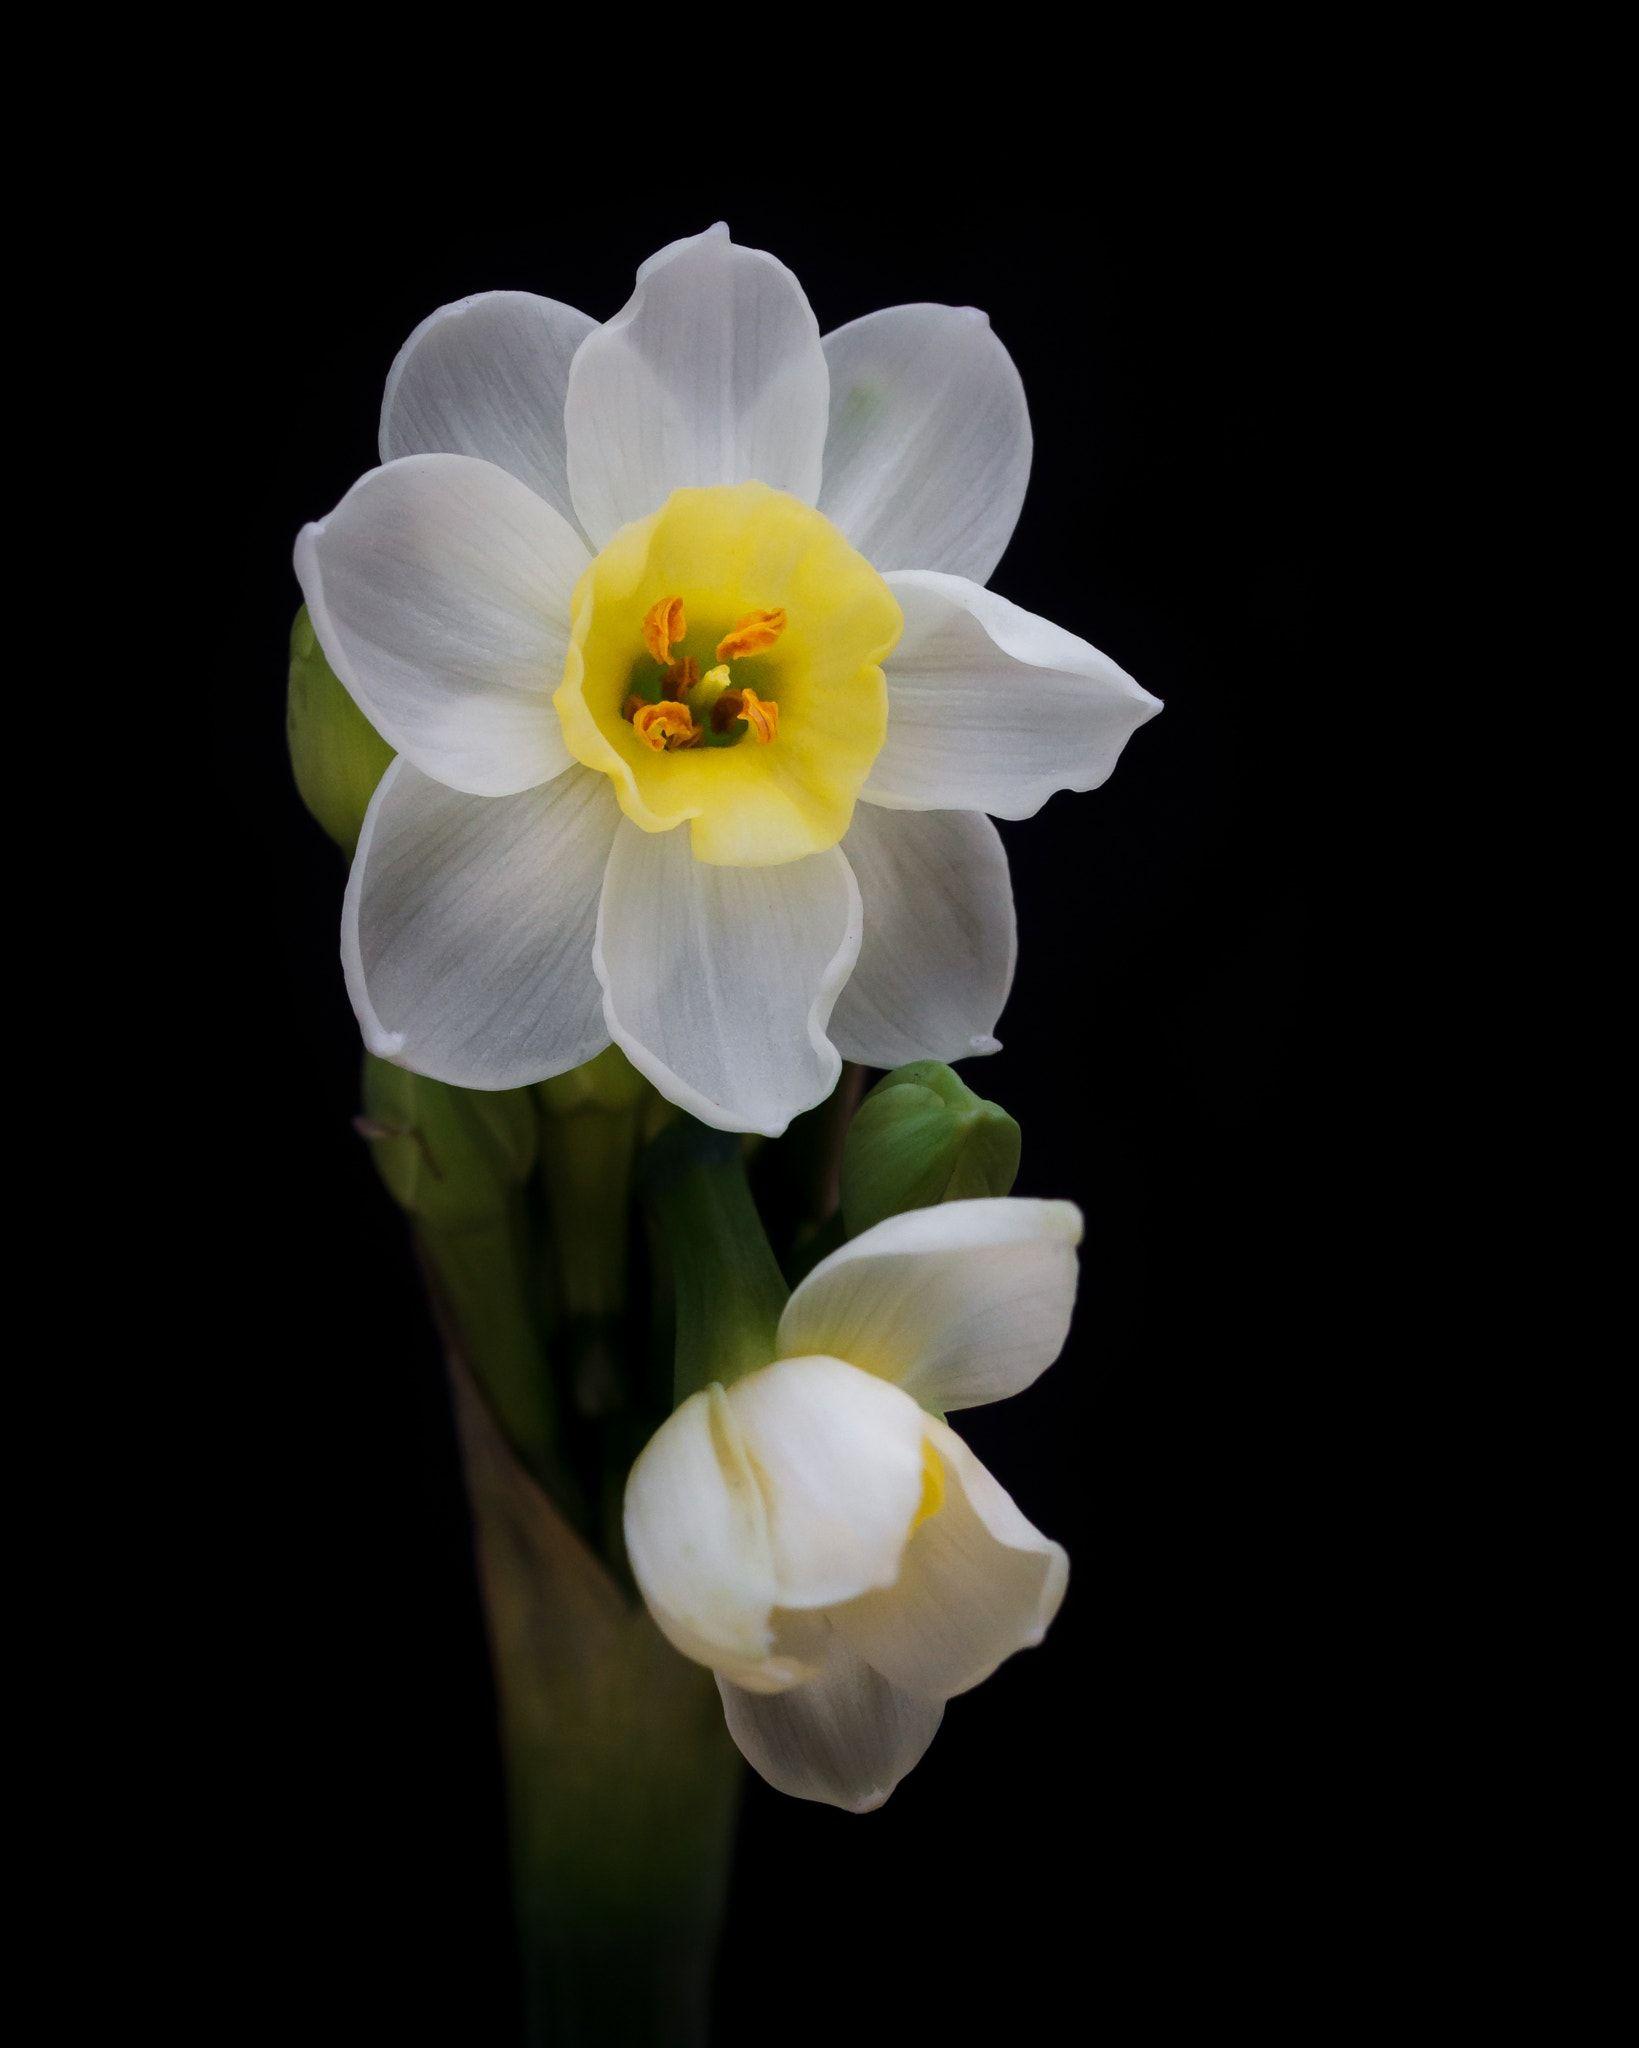 Daffodils Daffodil Flower Daffodils Flowers